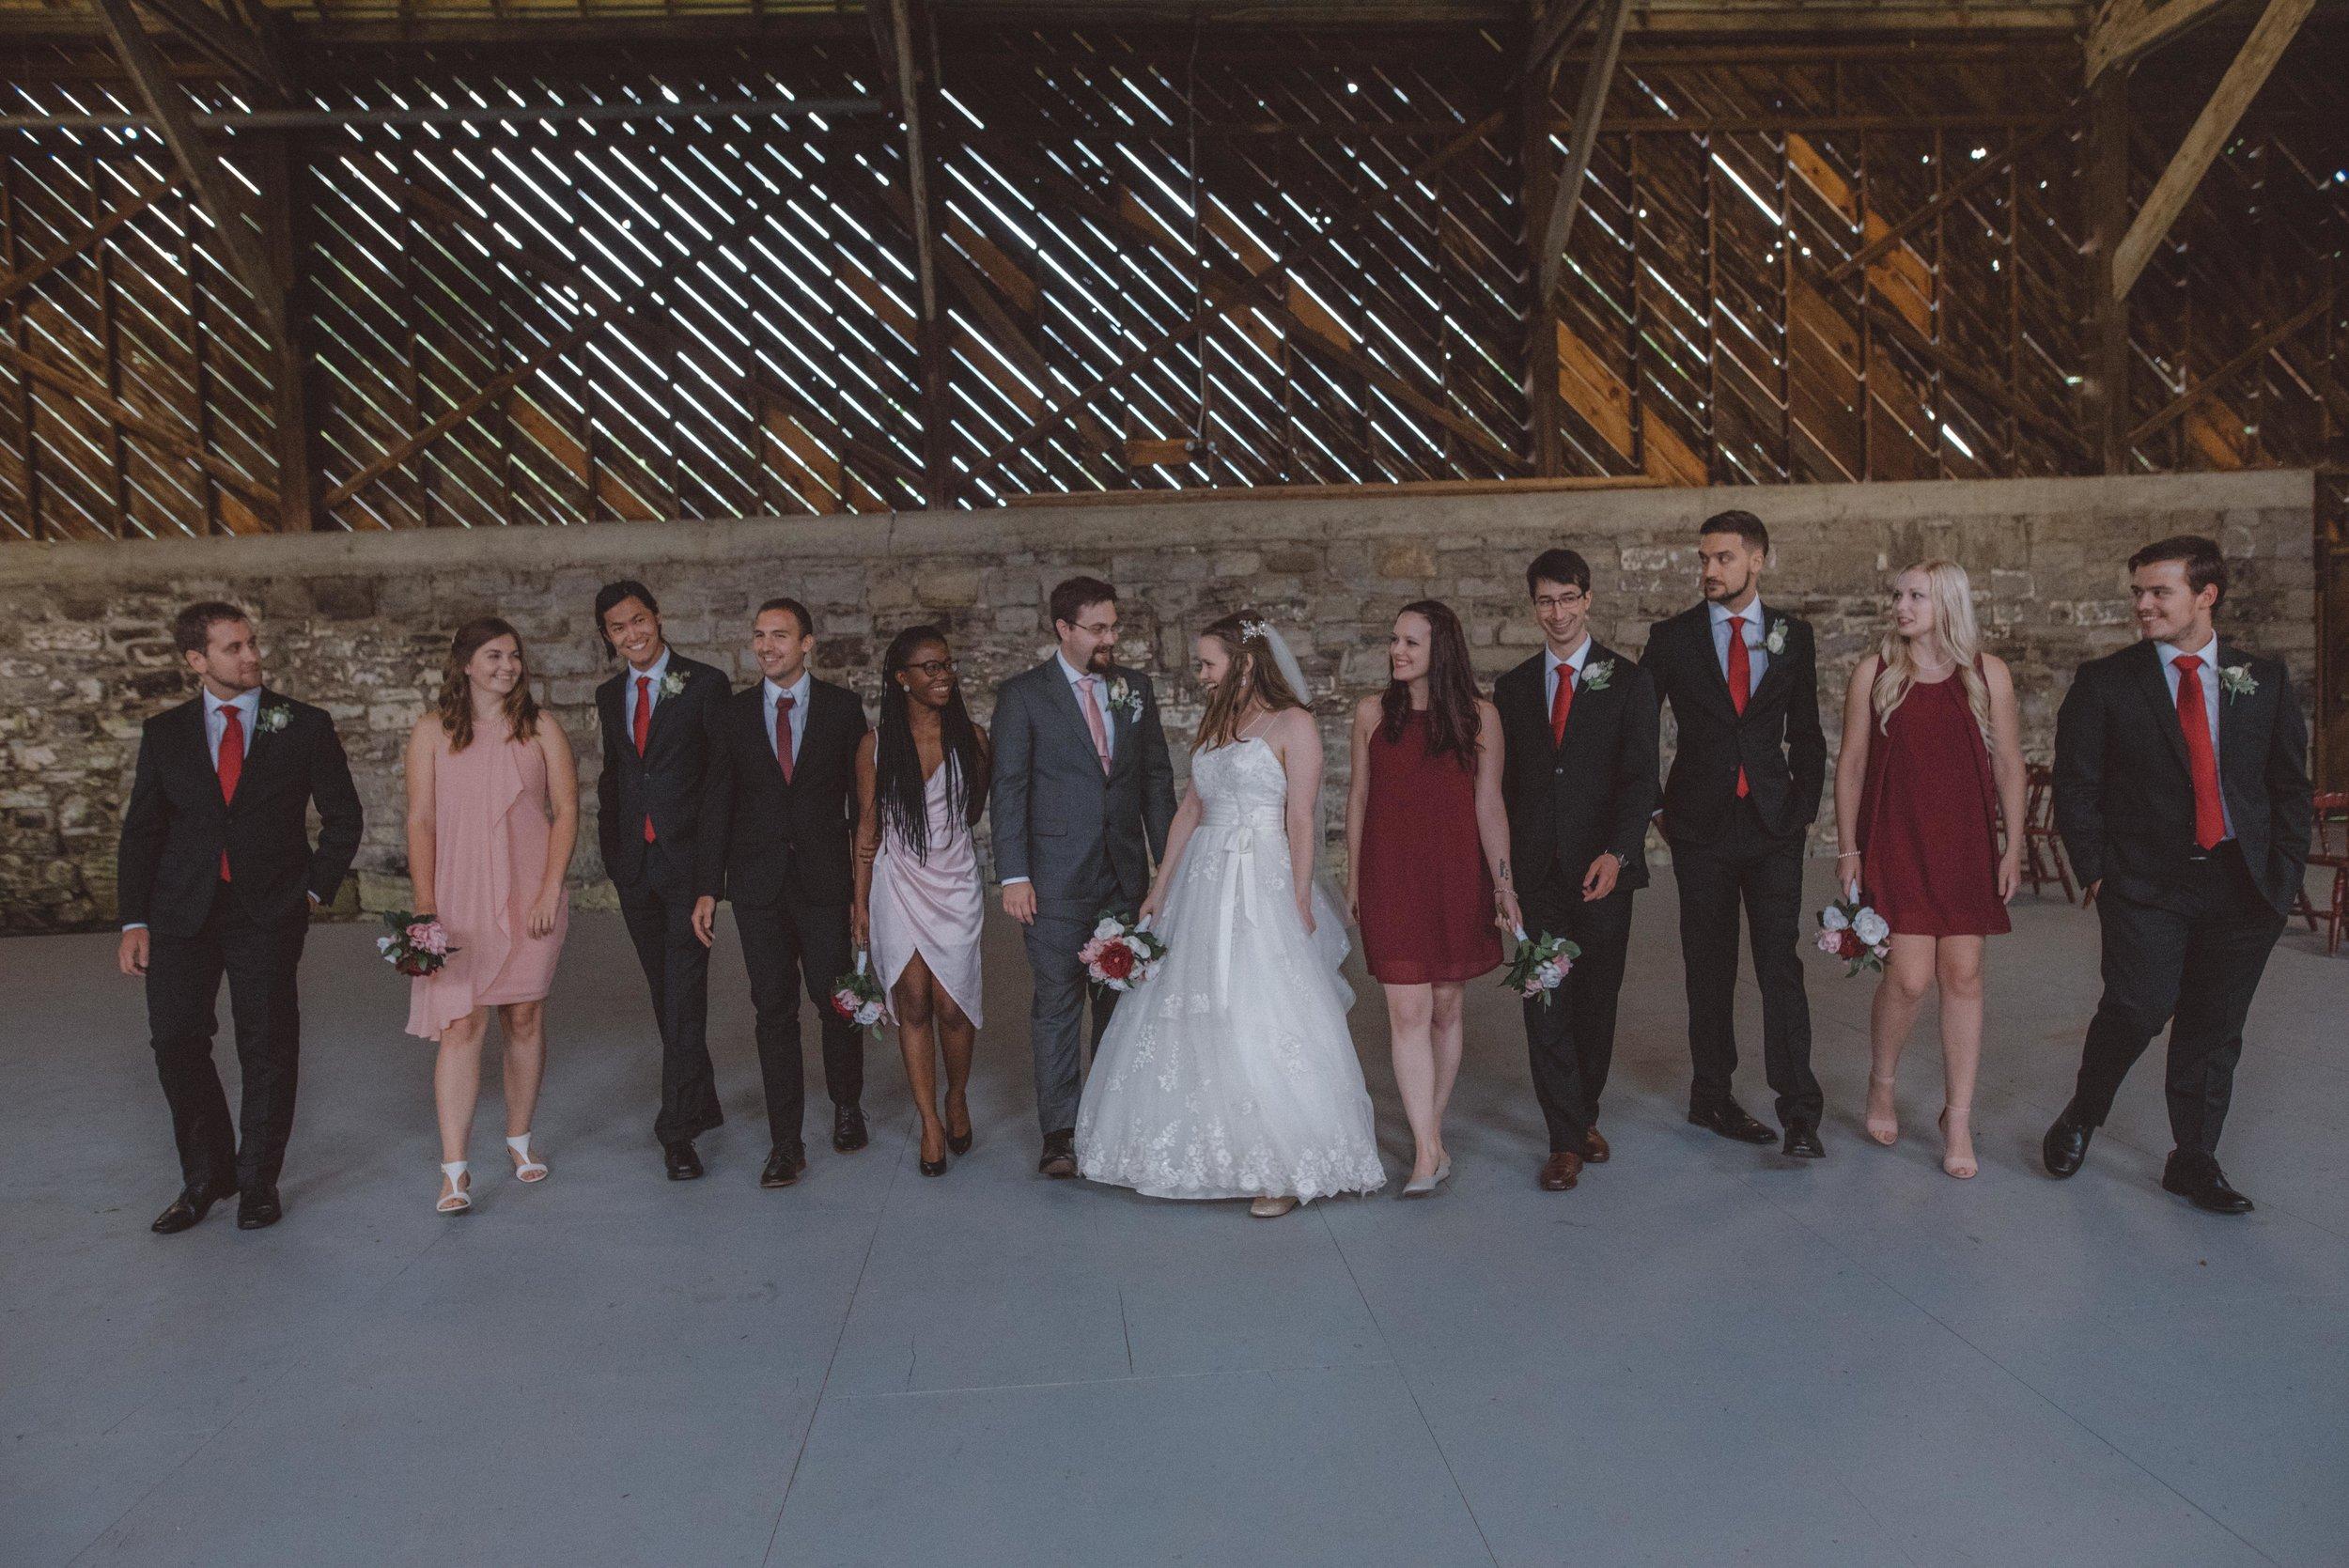 wedding_photographer_lifestyle_documentary_photographe_ottawa_gatineau-5.jpg